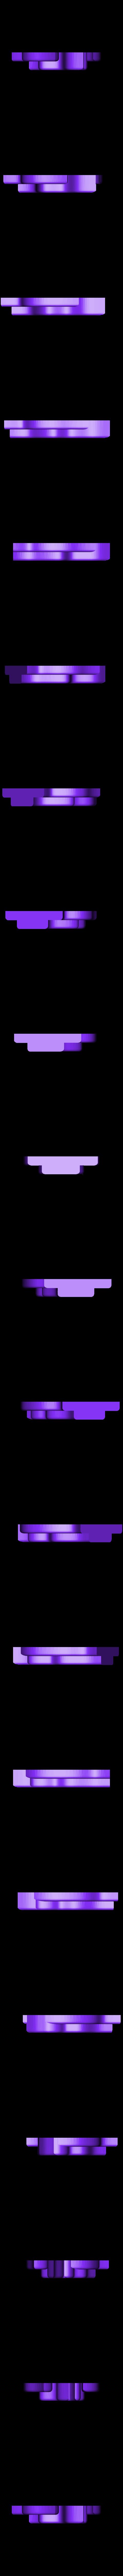 Feu.stl Download STL file Poêle pour maison Playmobil • Object to 3D print, emajo